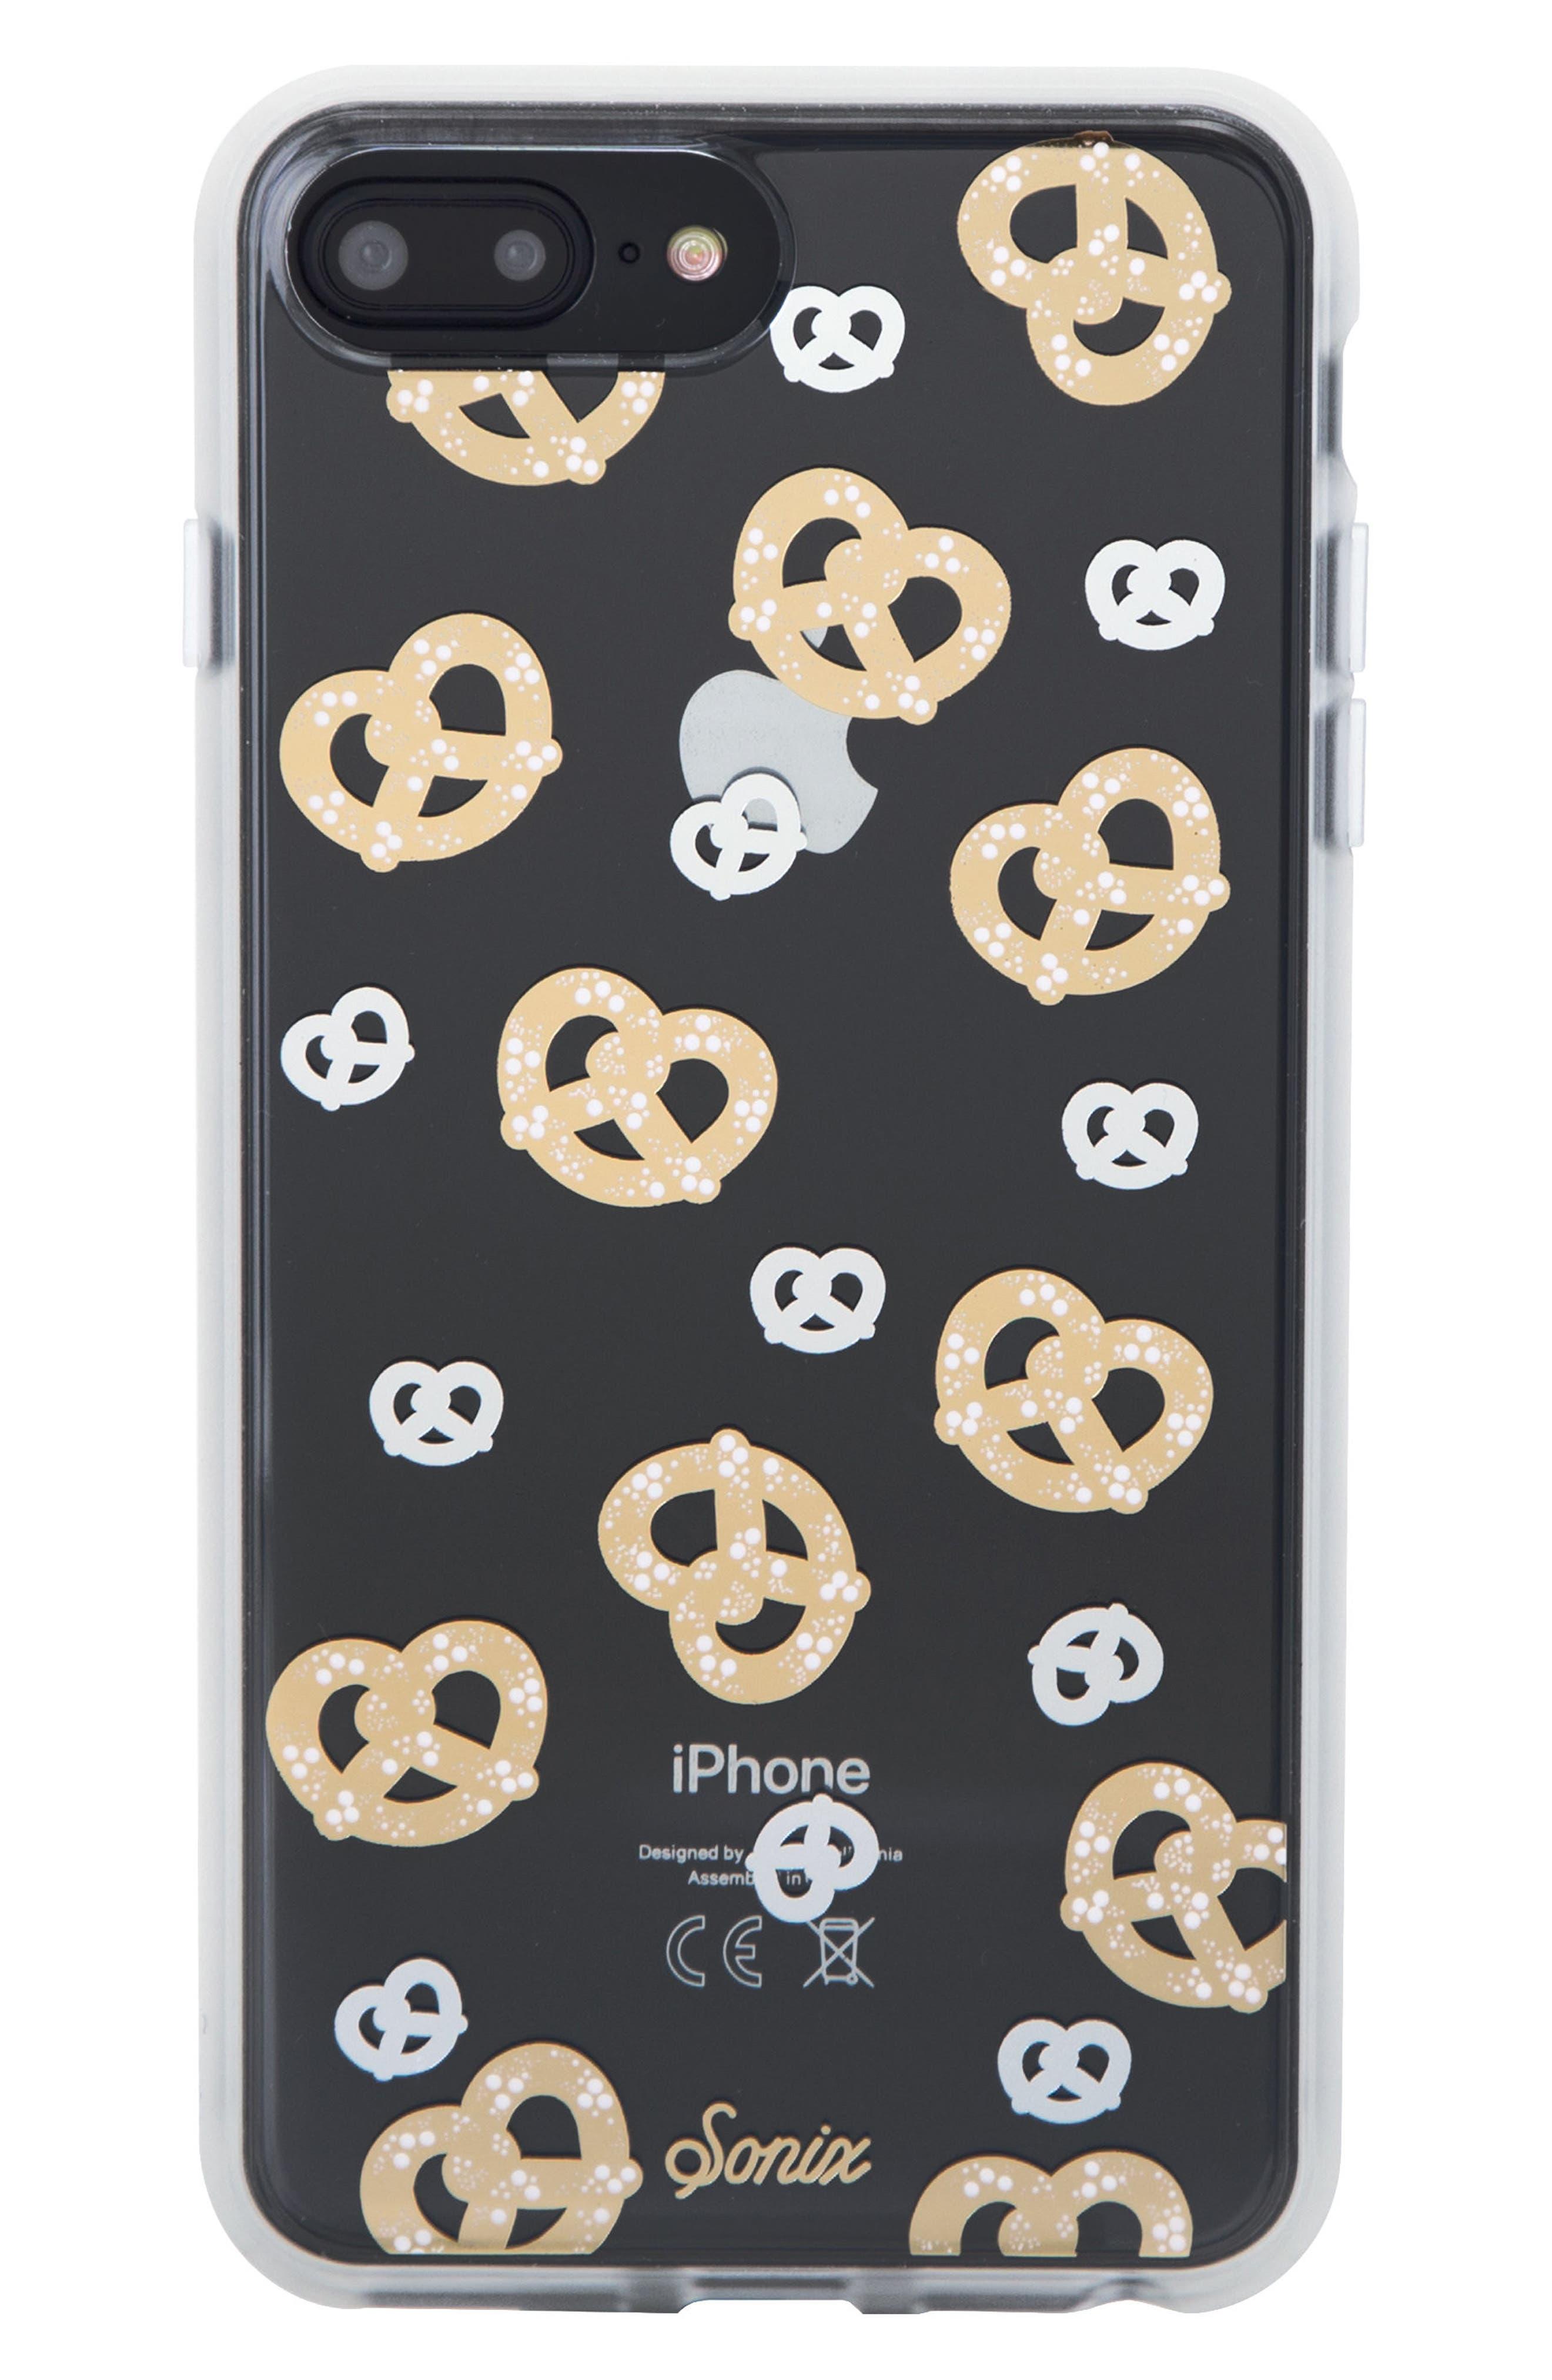 Pretzel iPhone 6/6s/7/8 & 6/6s/7/8 Plus Case,                             Main thumbnail 1, color,                             710